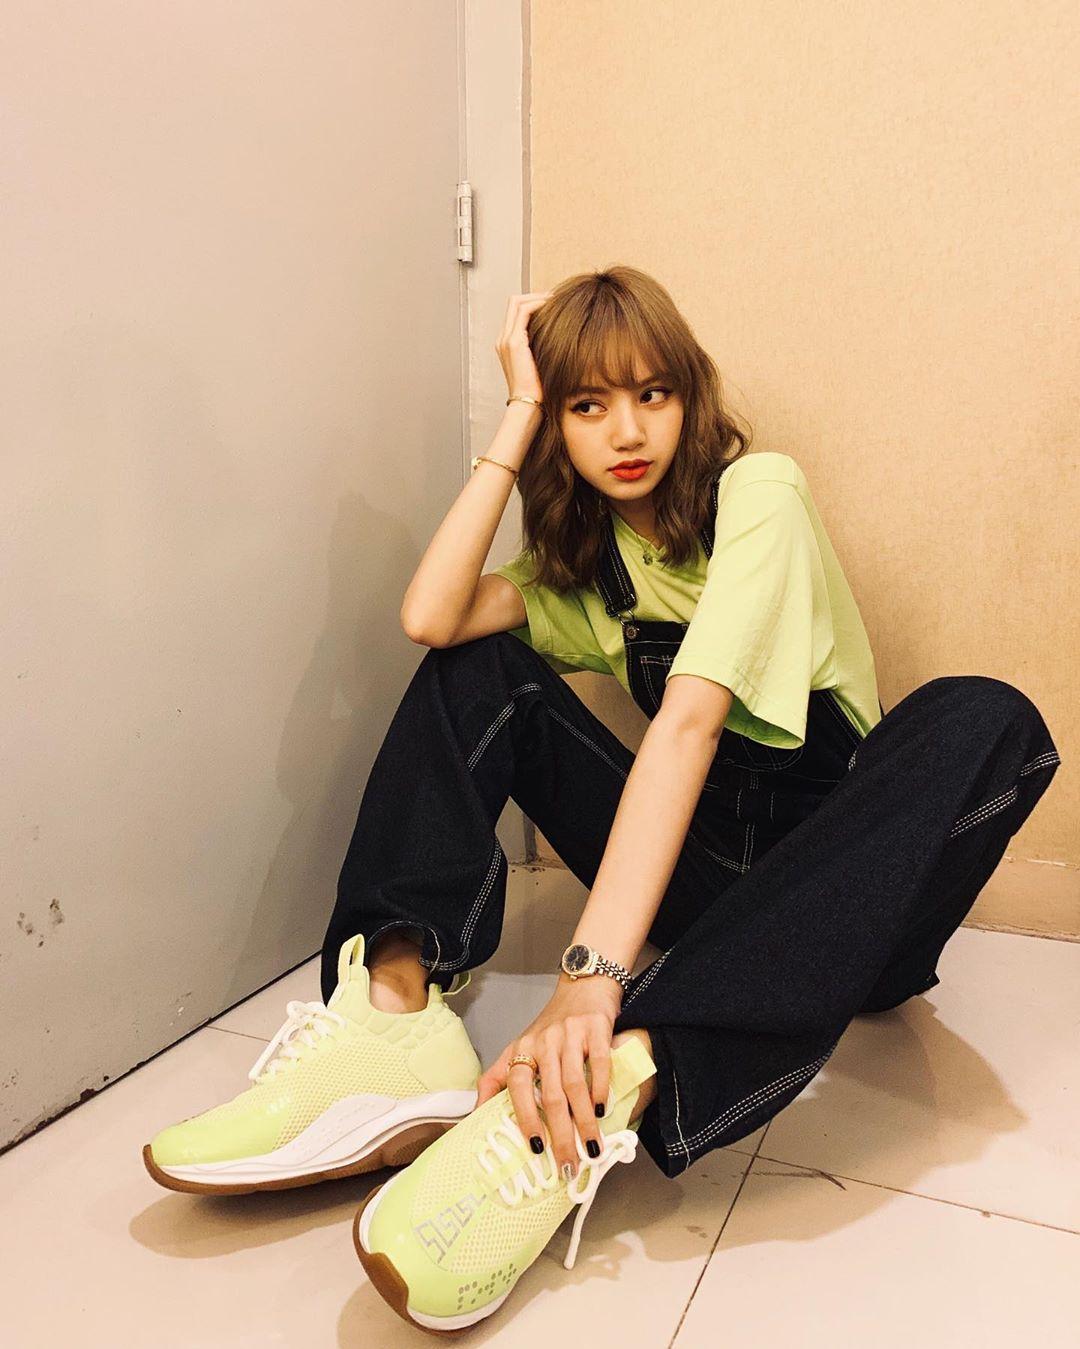 Lisa mặc áo thun màu xanh celery